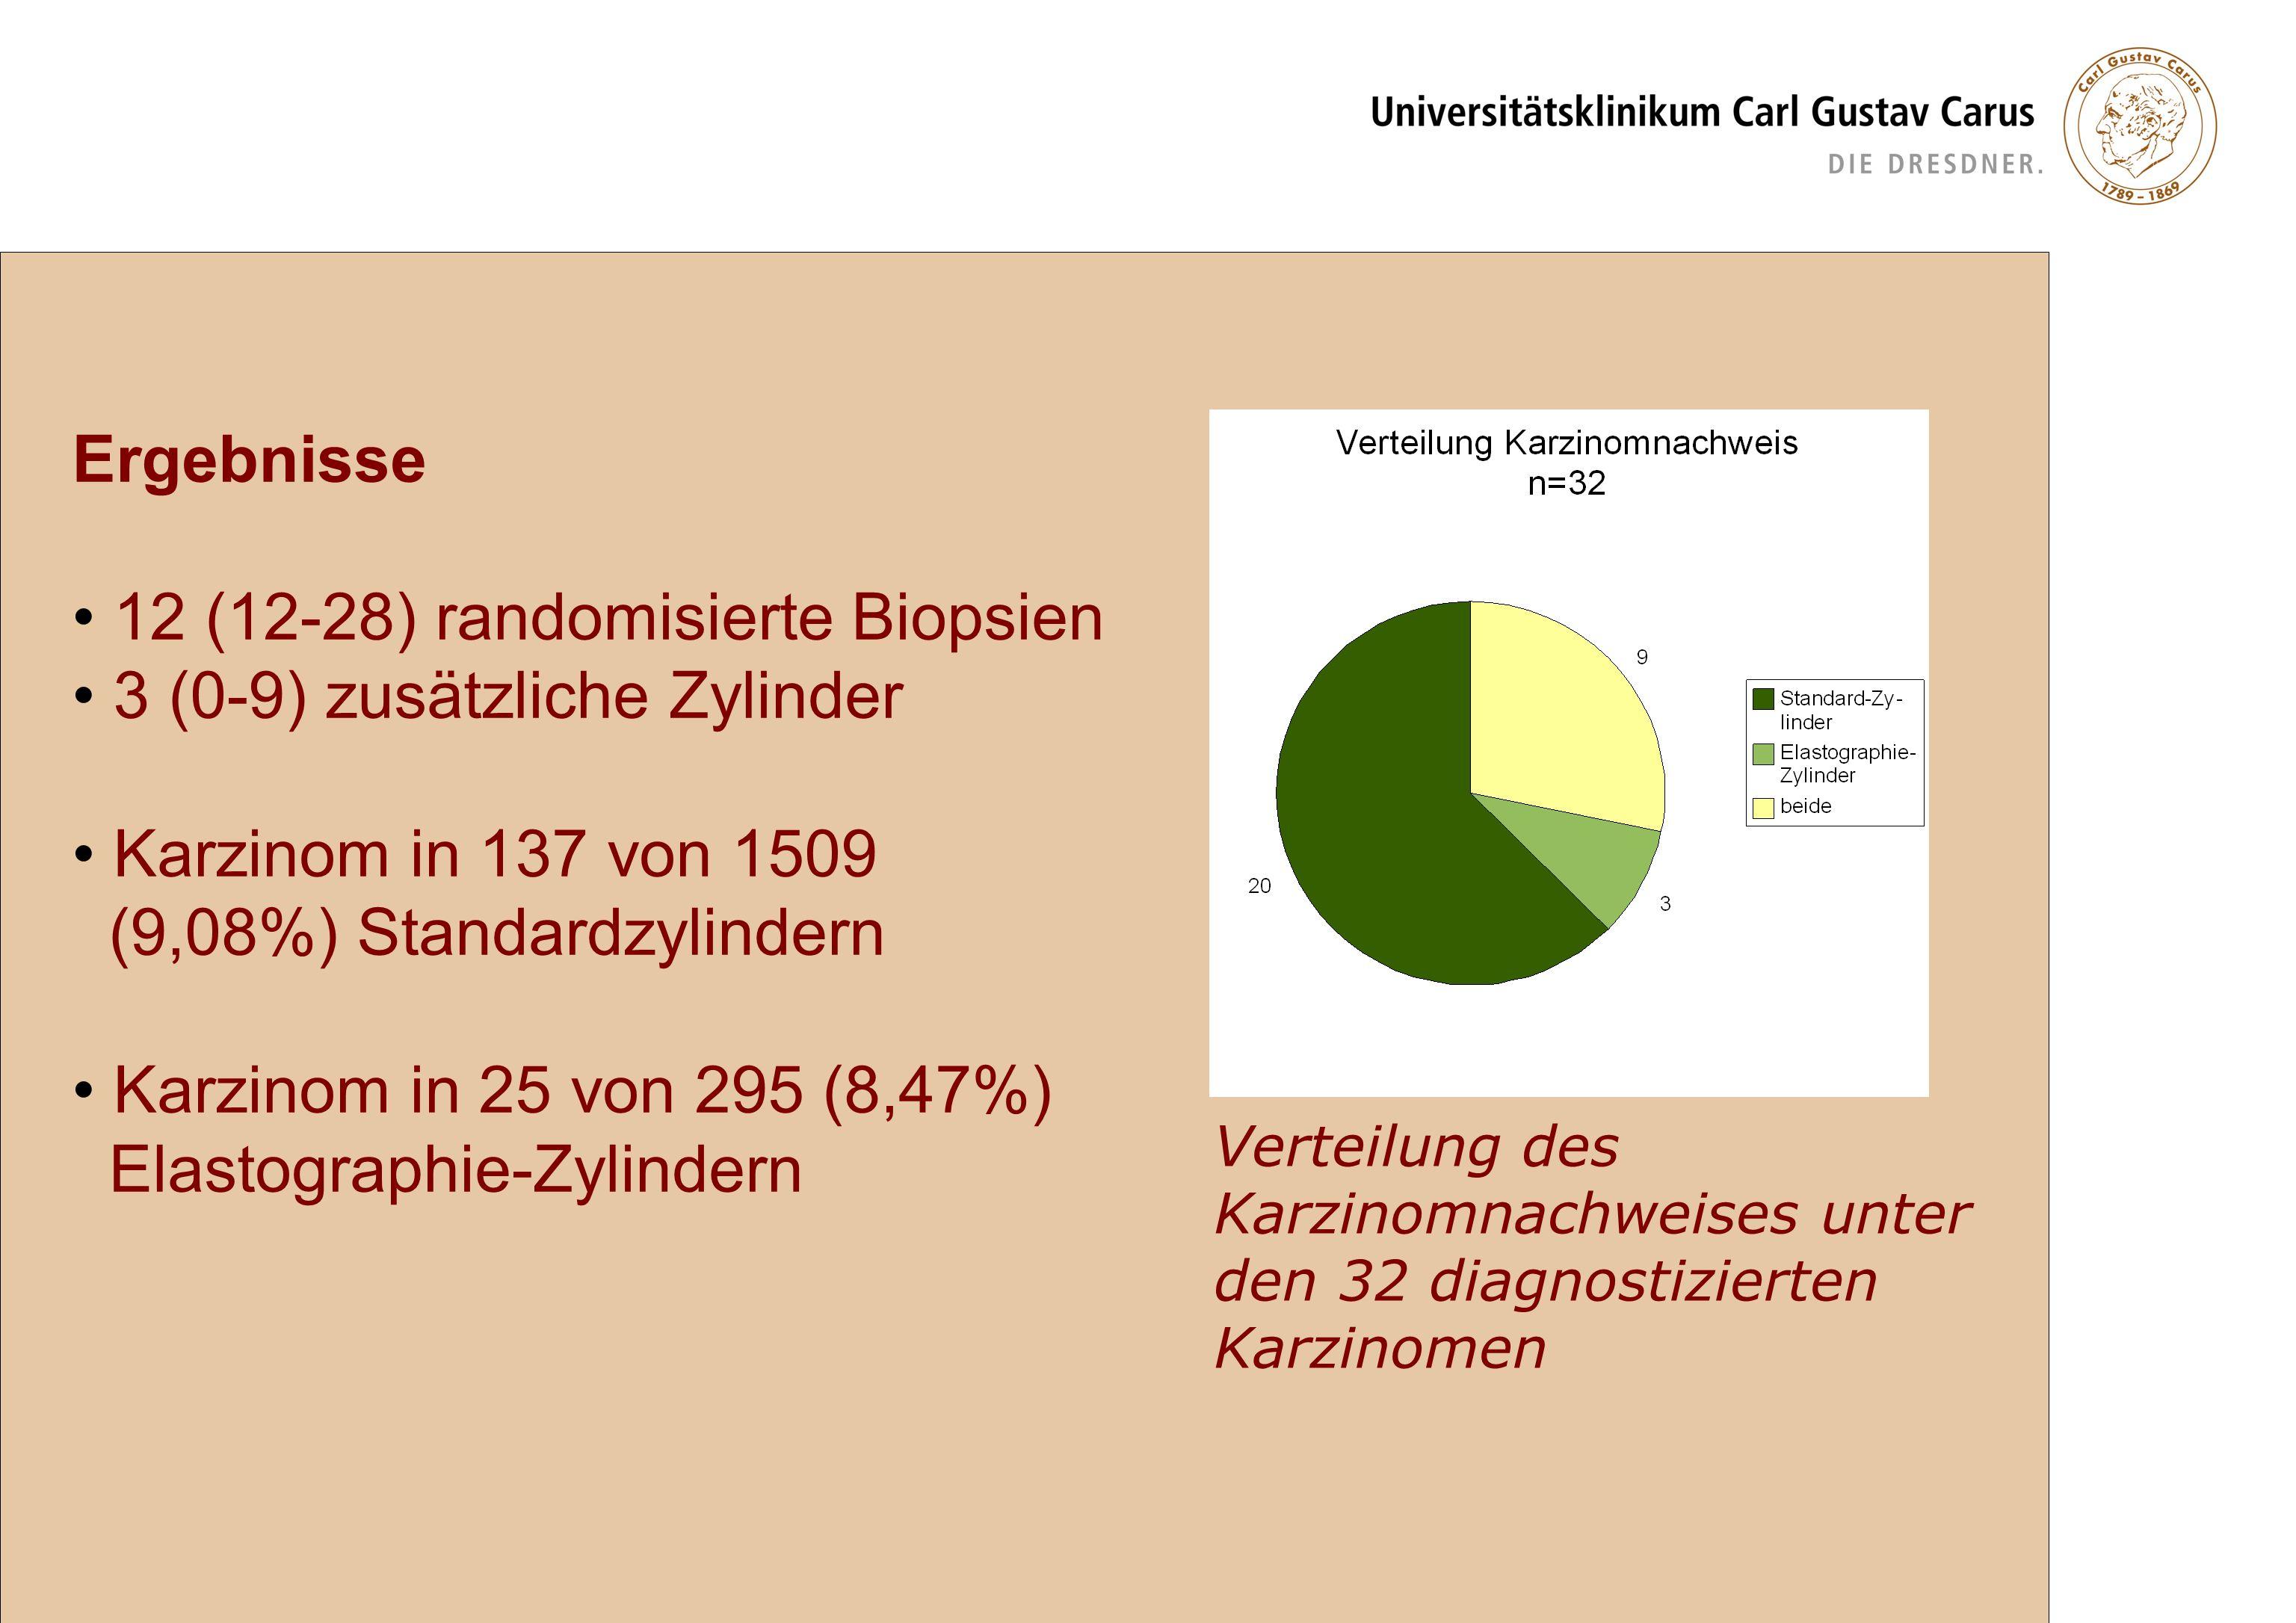 12 (12-28) randomisierte Biopsien 3 (0-9) zusätzliche Zylinder